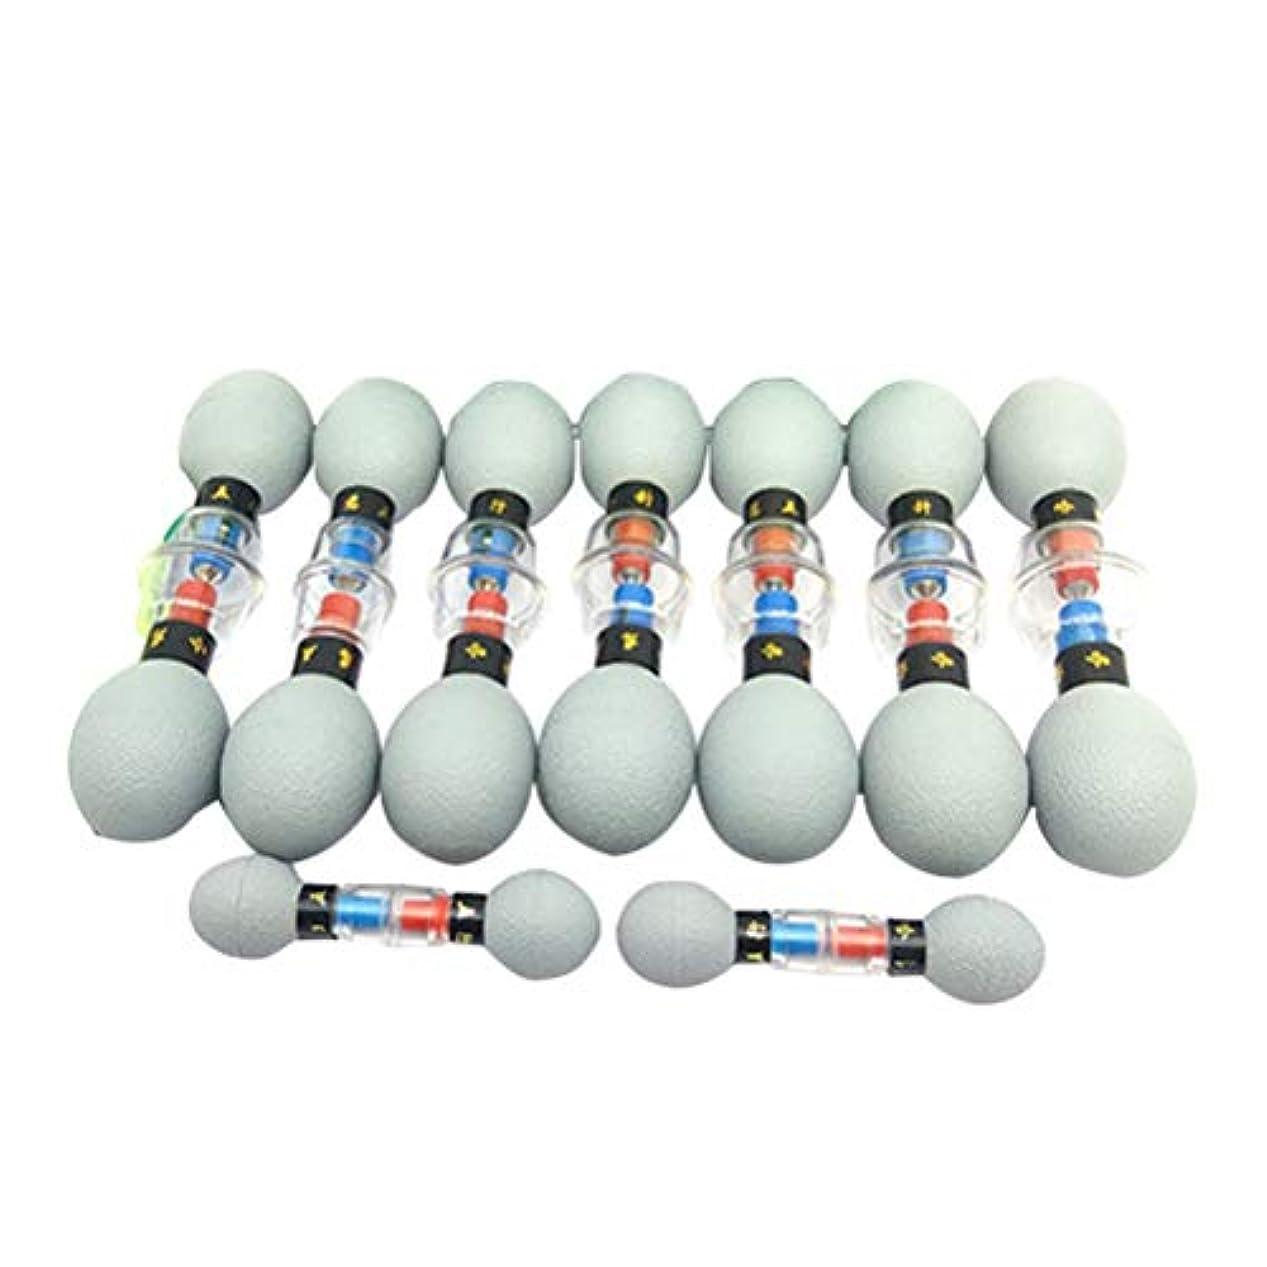 経歴疲労アカデミーSUPVOX 中国のバイオ磁気カッピング療法セット真空吸引カッピング指圧療法ツール用痛み緩和18ピース